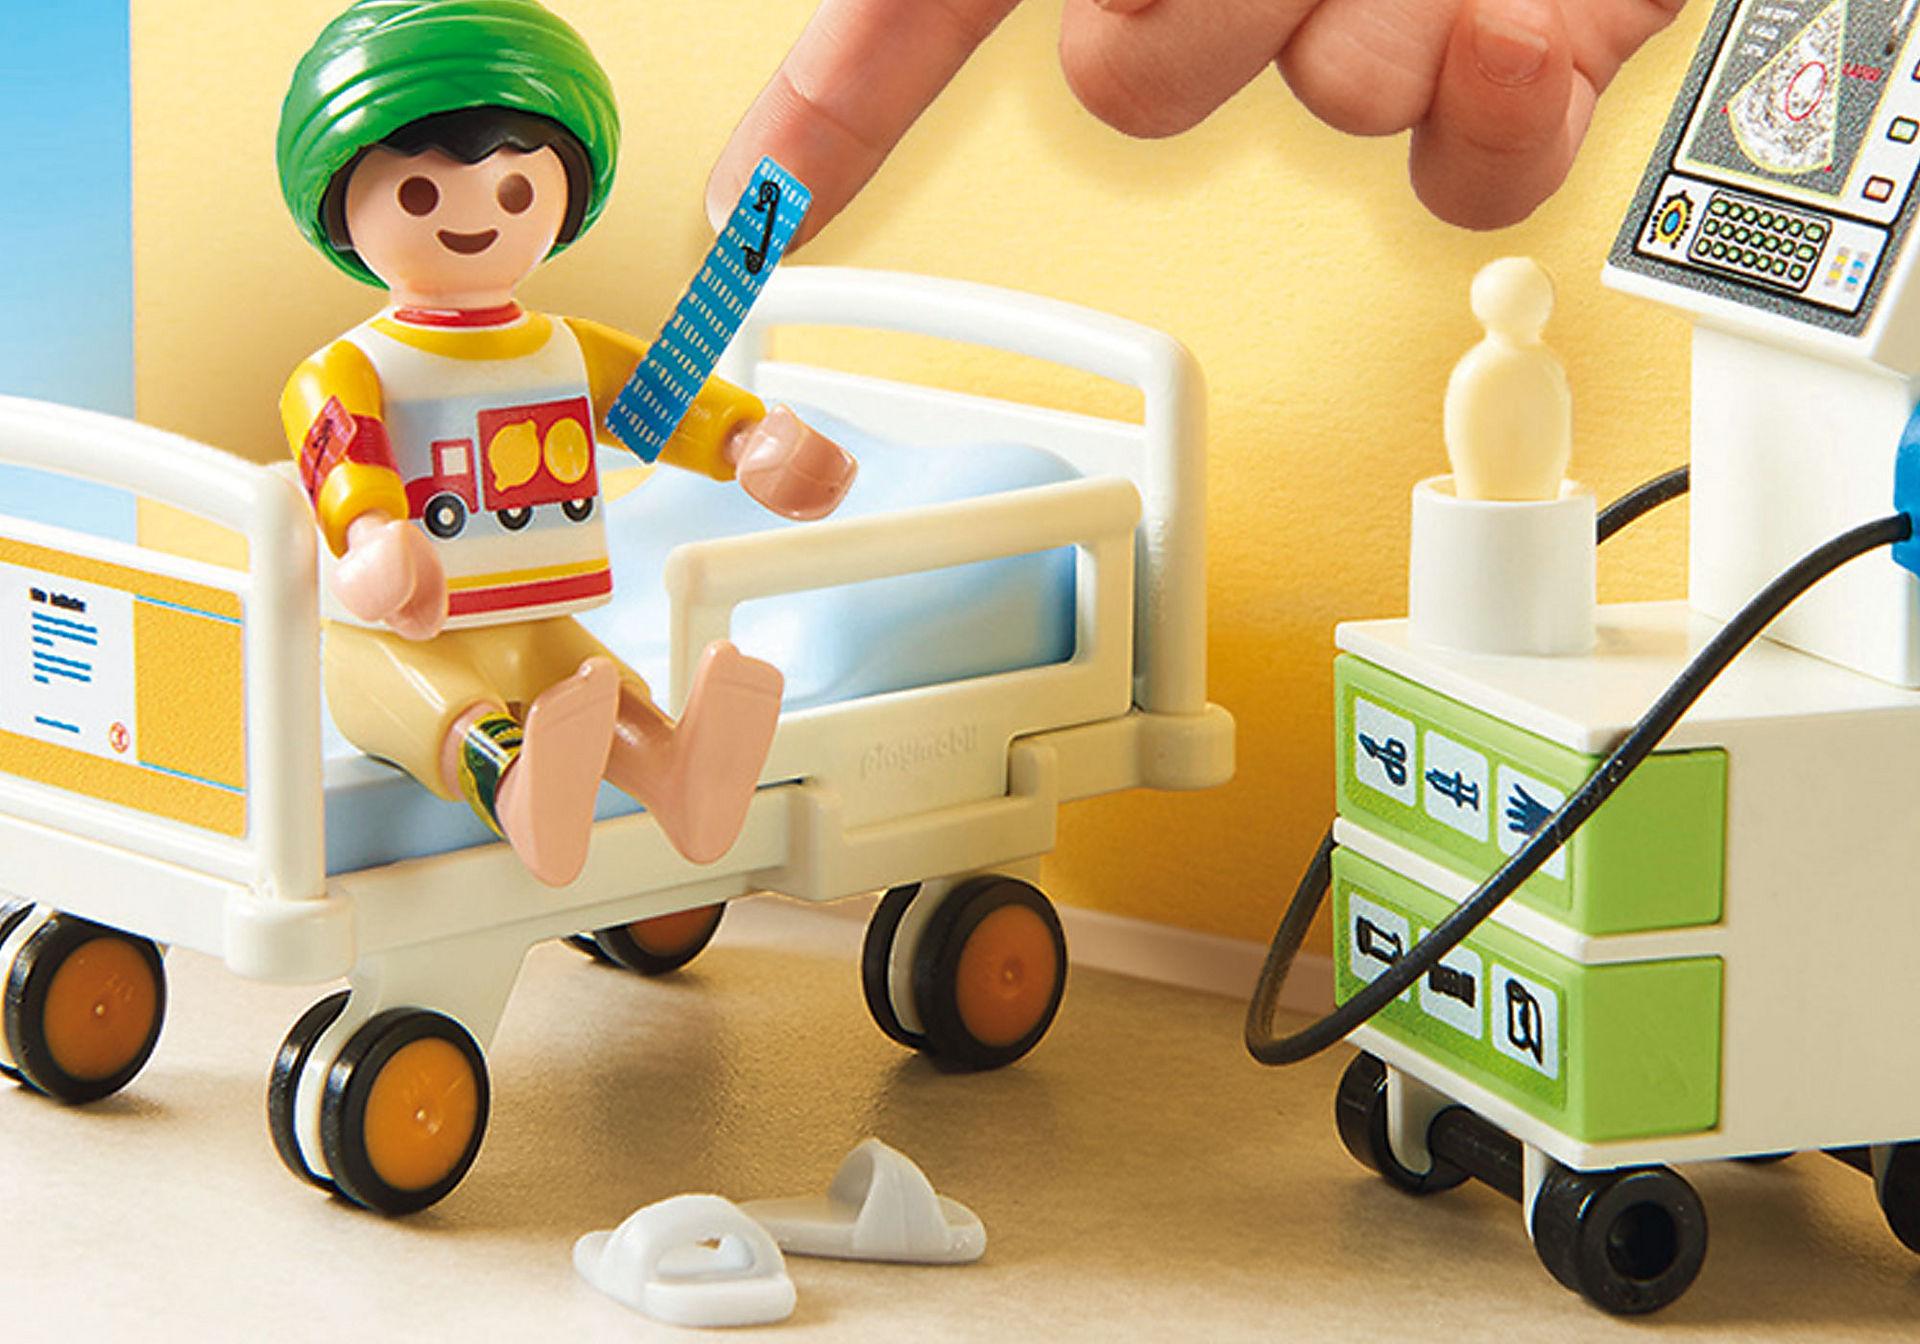 70192 Chambre d'hôpital pour enfant  zoom image4